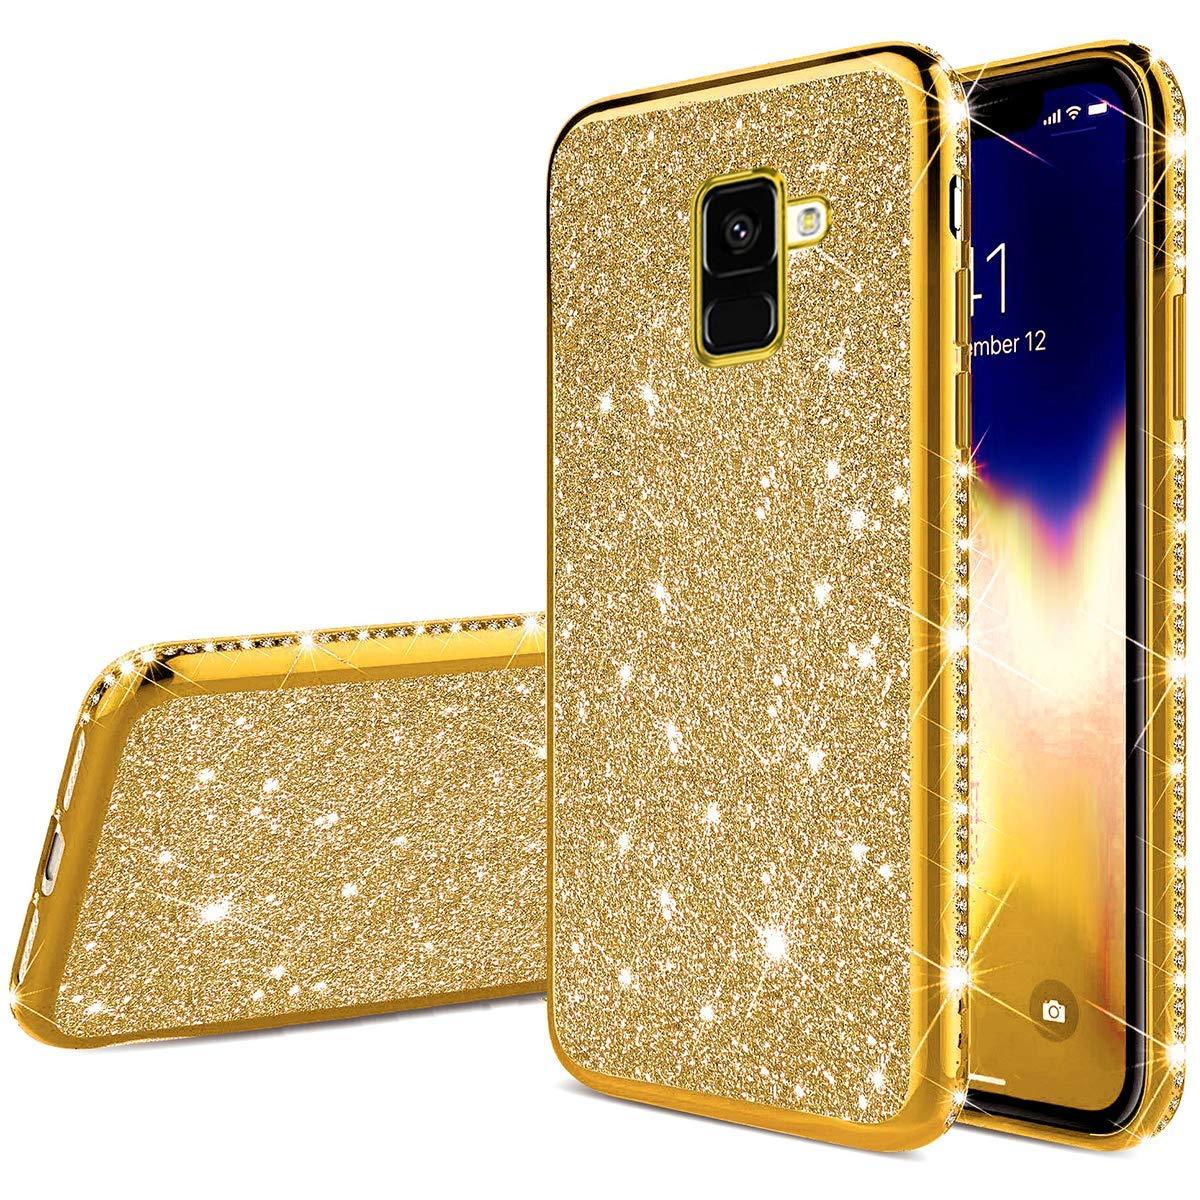 Herbests Kompatibel mit Samsung Galaxy A8 Plus 2018 H/ülle Bling /Überzug Gl/änzend Strass Diamant Handyh/ülle Silikon H/ülle Case Durchsichtig Schutzh/ülle Transparent TPU Ultrad/ünn Handytasche,Rose Gold